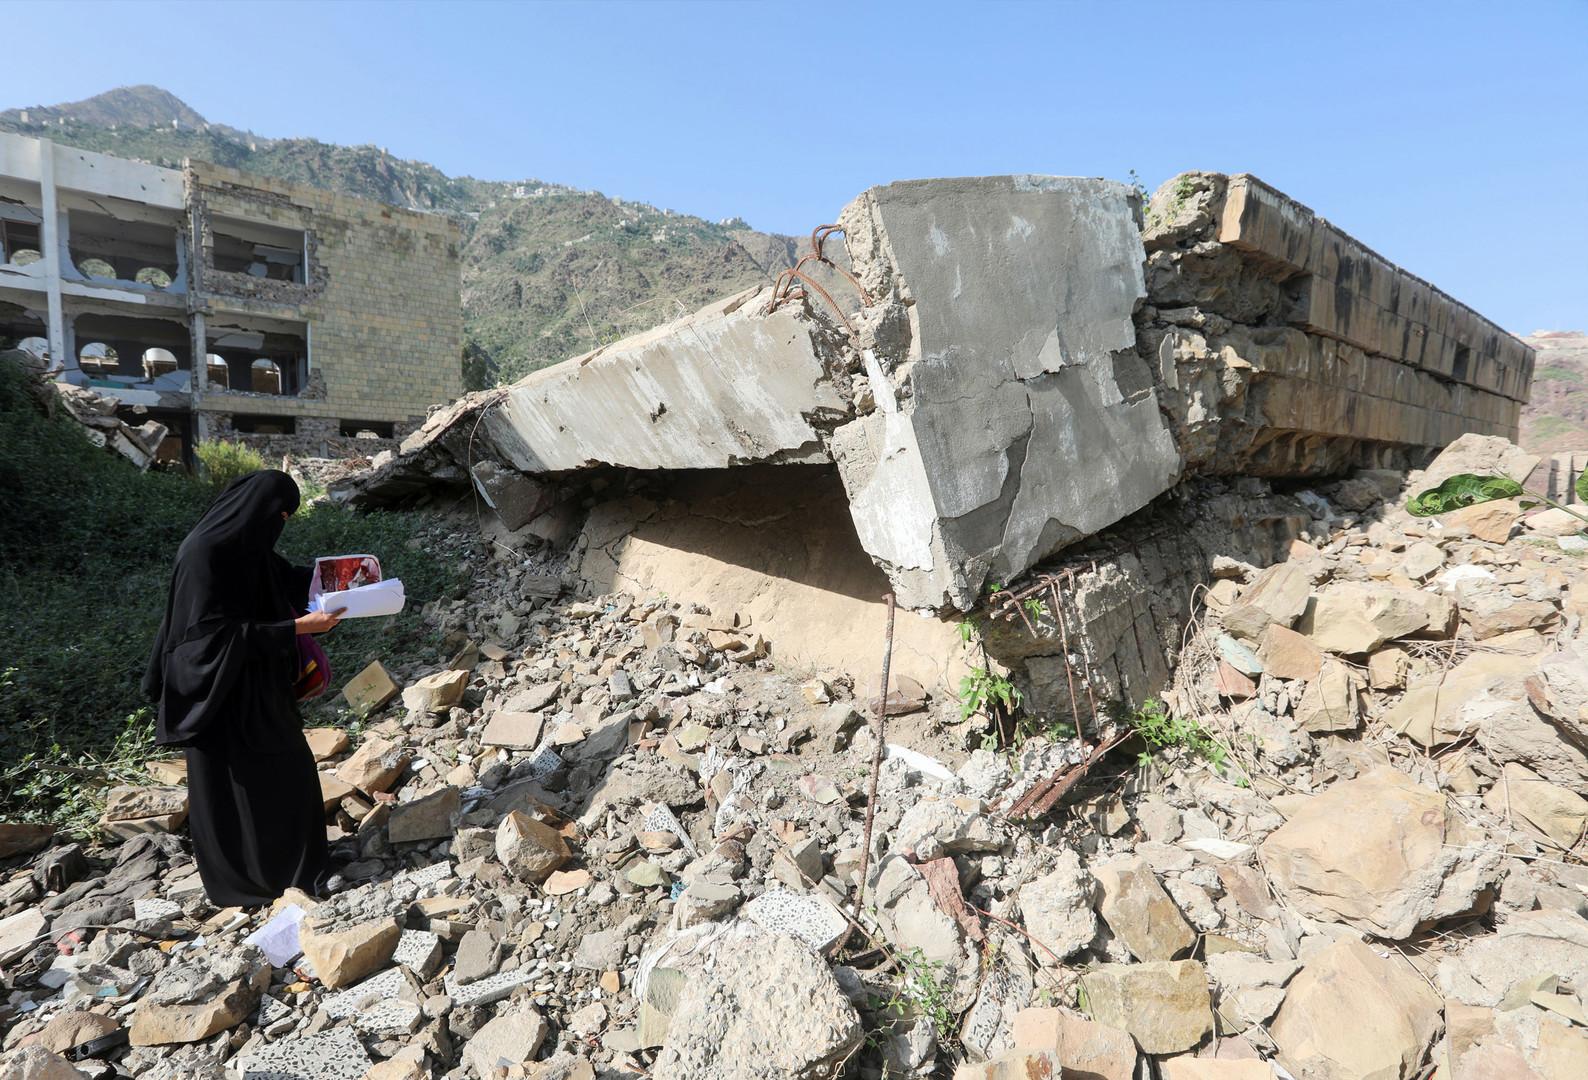 Ein Mitglied einer jemenitischen Schulverwaltung inspiziert den Schaden am ersten Tag des neuen Schuljahres, am 16. September 2018, an einer Schule, die im vergangenen Jahr bei einem Luftangriff in der Stadt Taez beschädigt wurde.